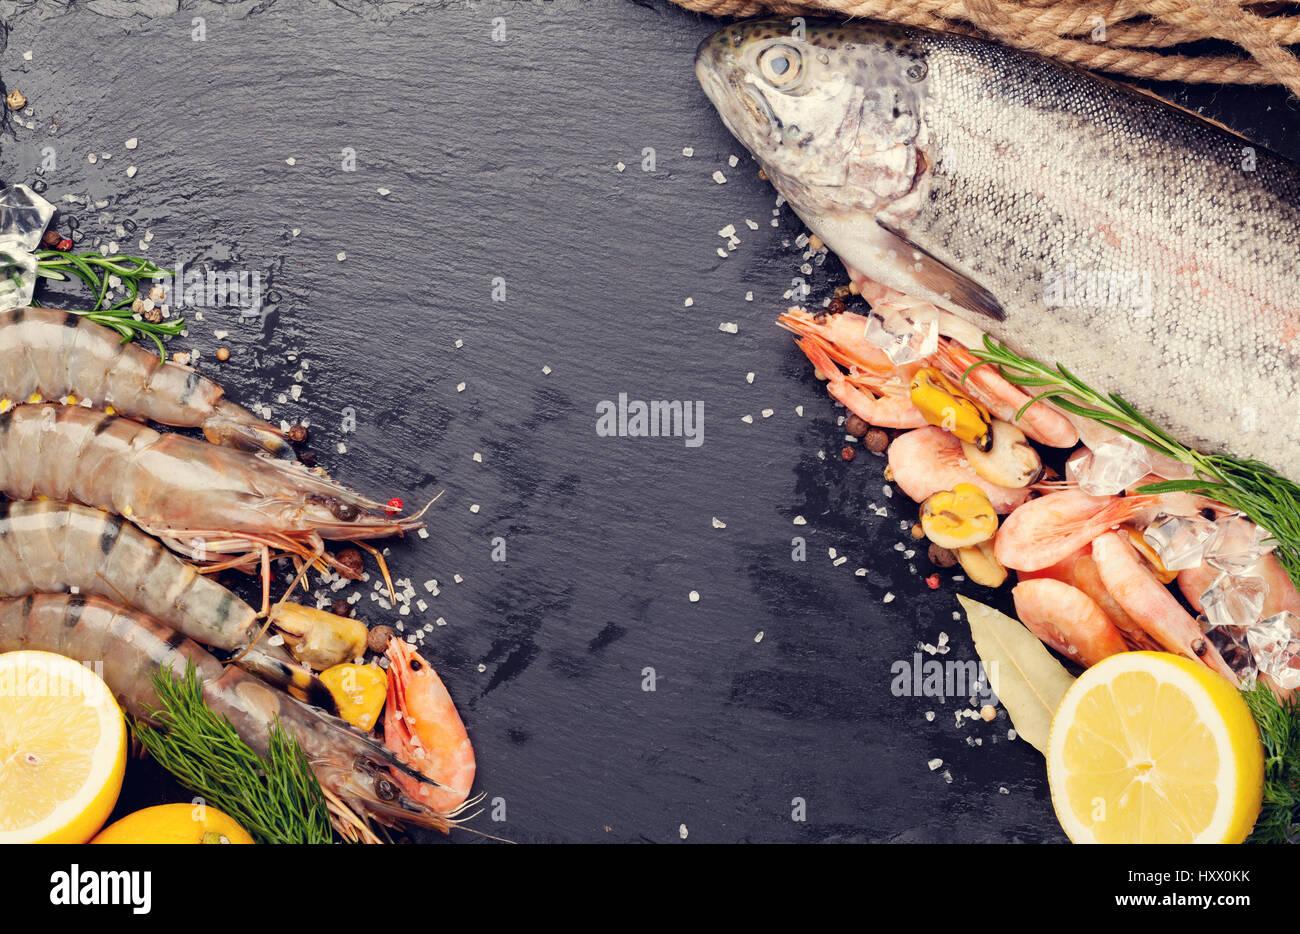 Frische, rohe Meeresfrüchte mit Gewürzen auf schwarzem Stein. Draufsicht mit Textfreiraum. Getönten Stockbild